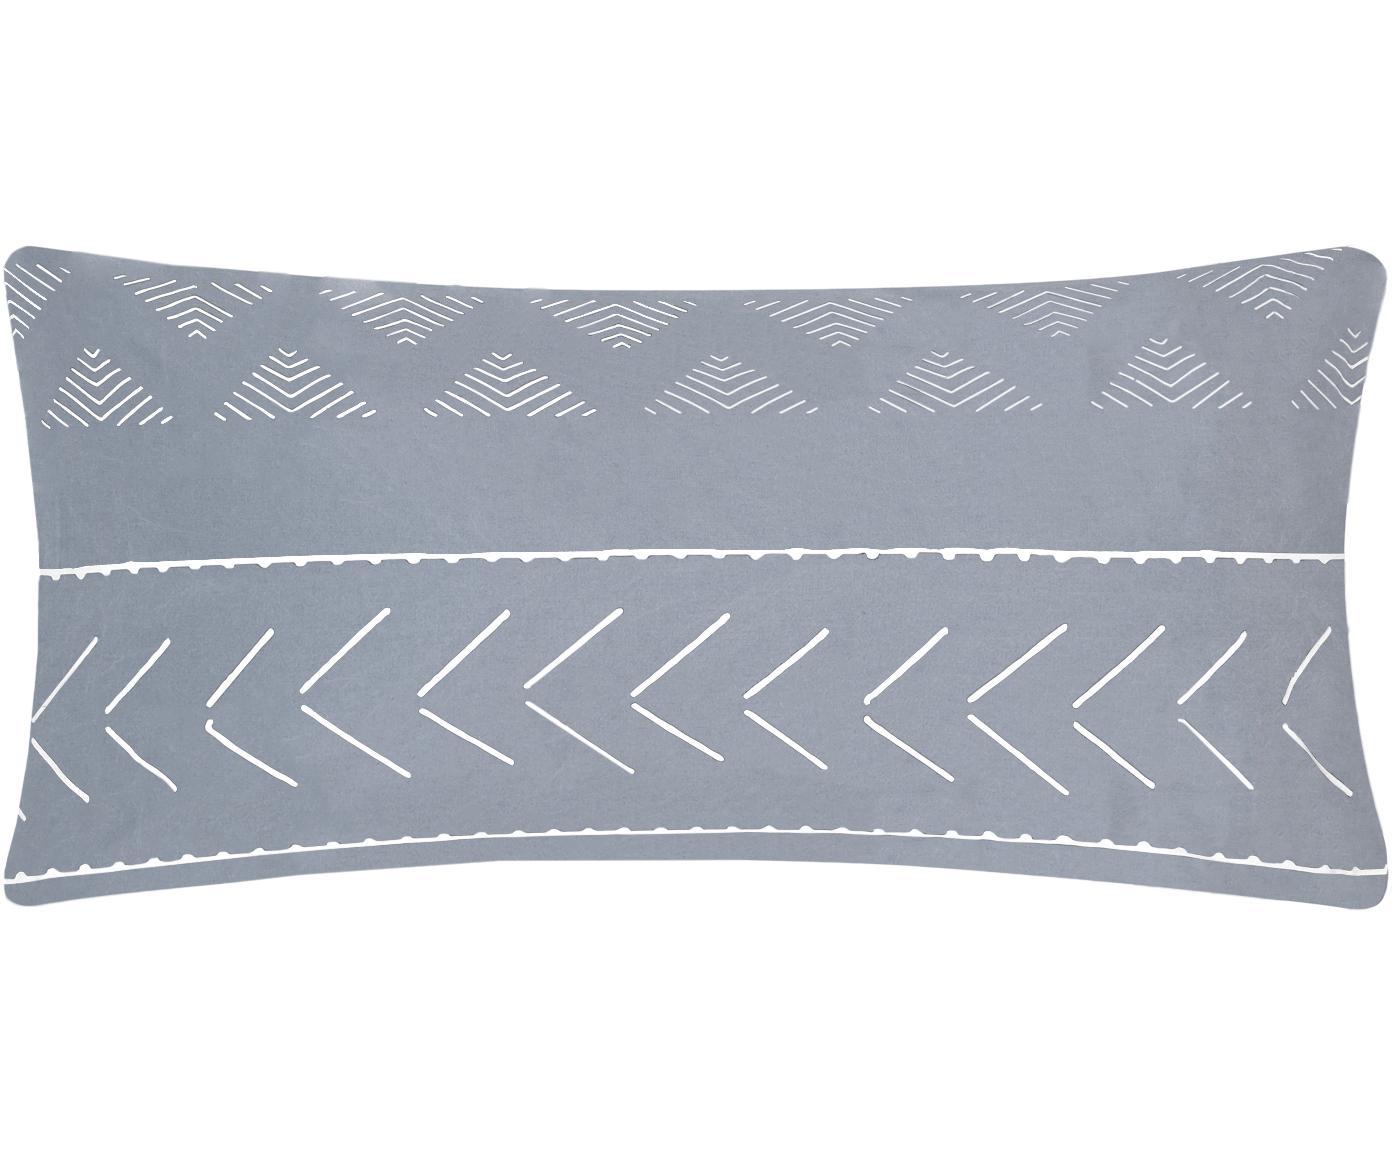 Gewaschene Baumwoll-Kissenbezüge Kohana im Boho Style, 2 Stück, Webart: Perkal Fadendichte 180 TC, Grau, Ecru, 40 x 80 cm